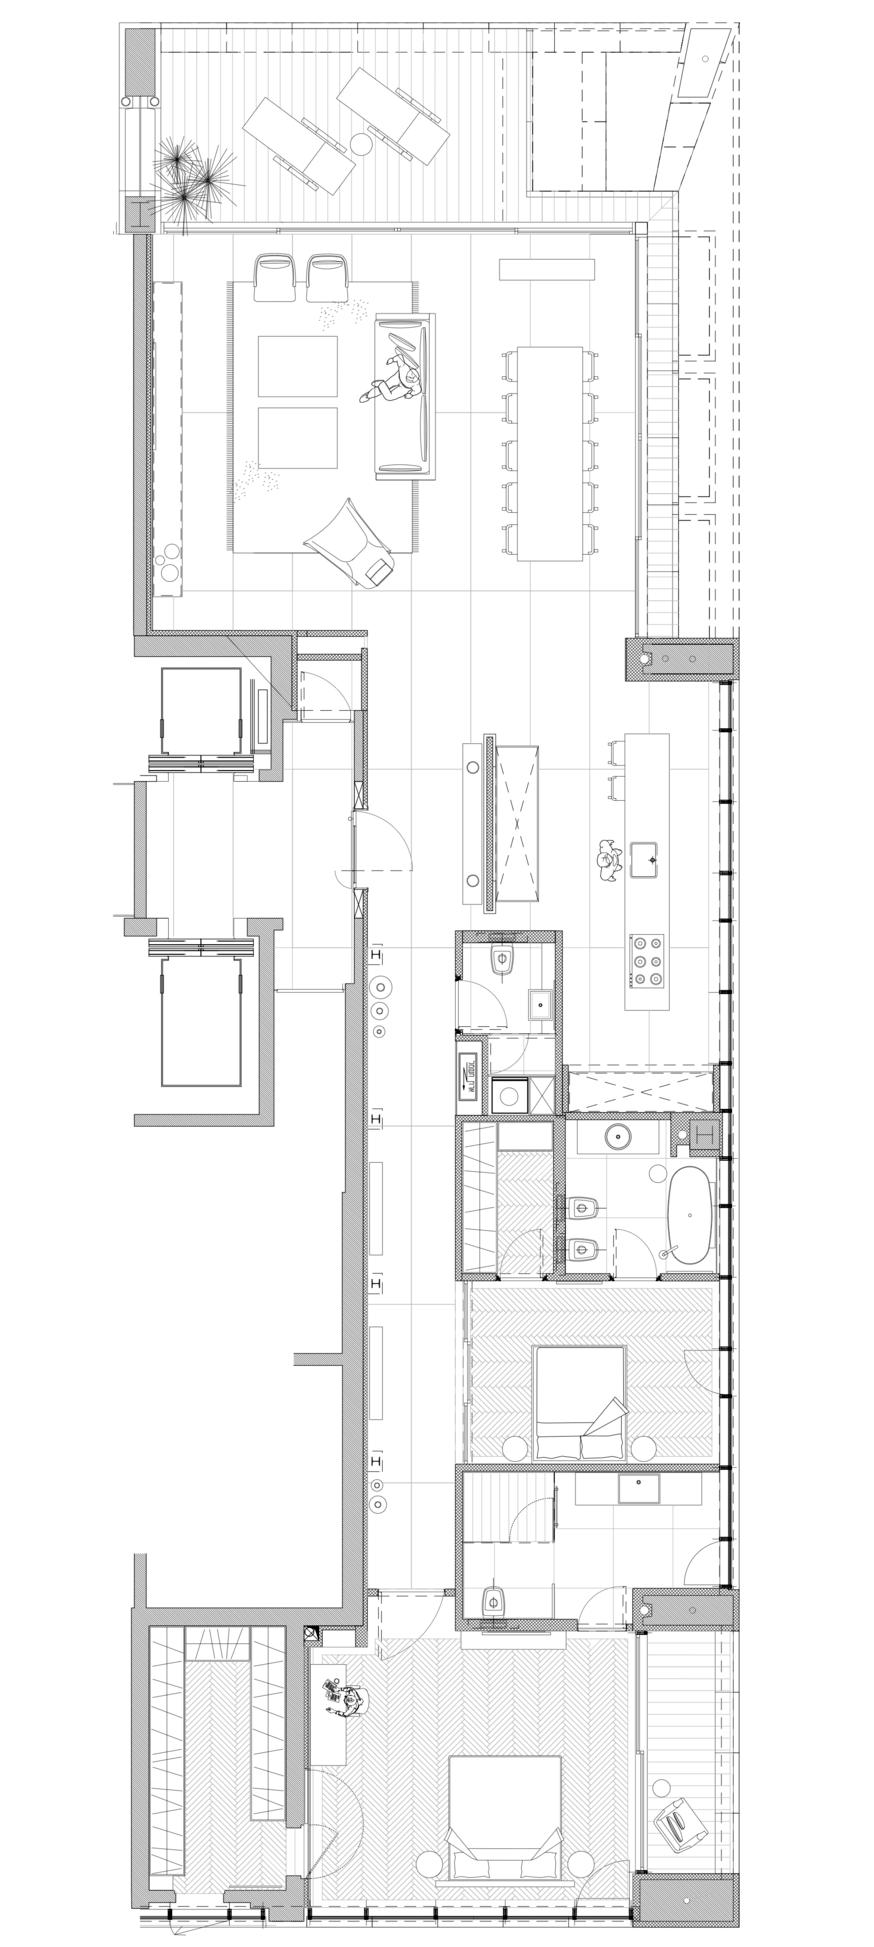 residential interior designer near me